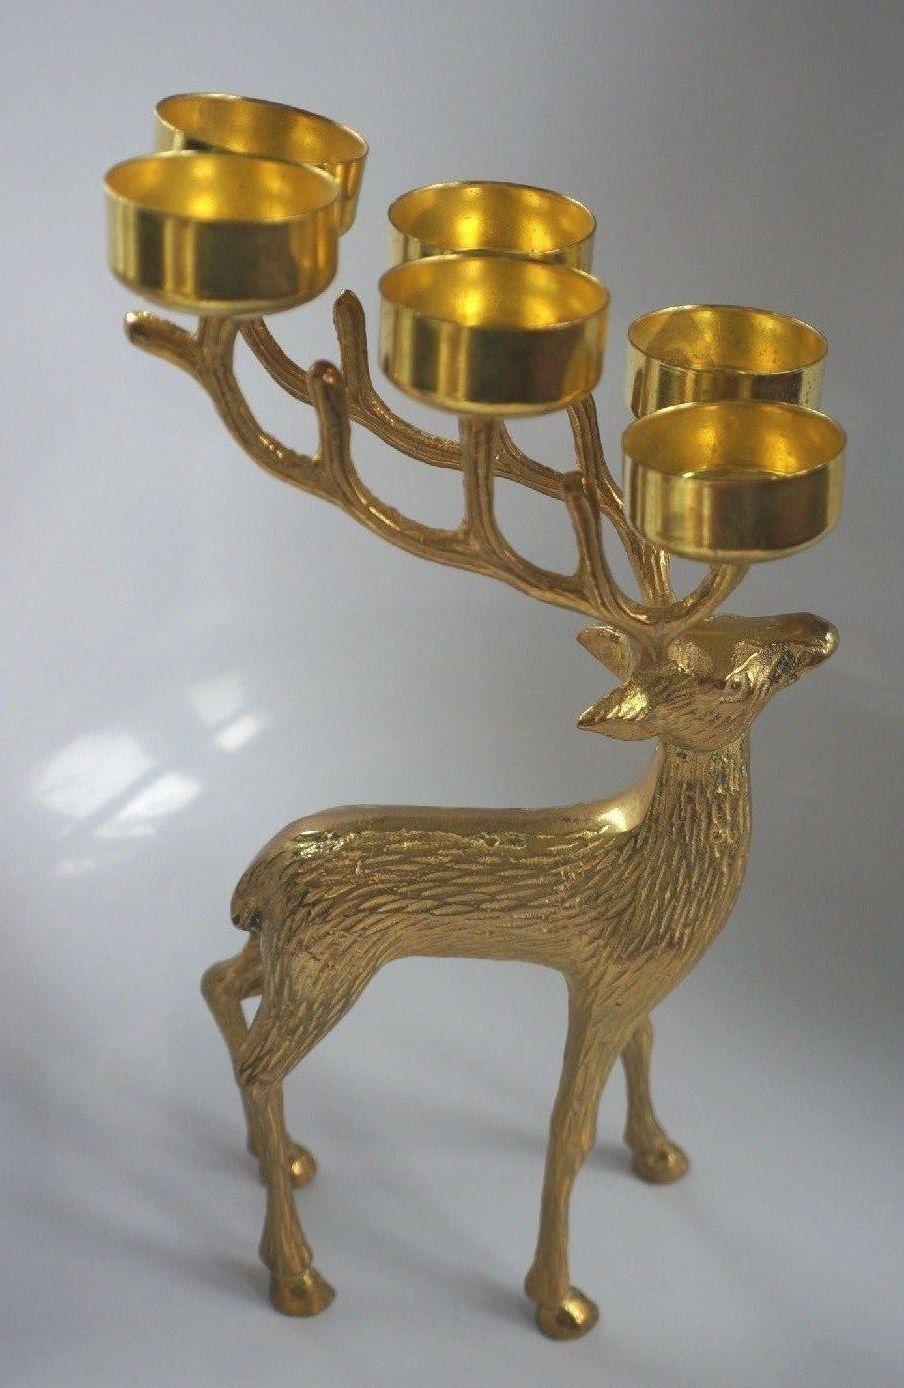 Lovely Christmas Brass Reindeer Tea Light Holder Holds Six Tea Lights Ebay Tea Lights Tea Light Holder Vase Candle Holder